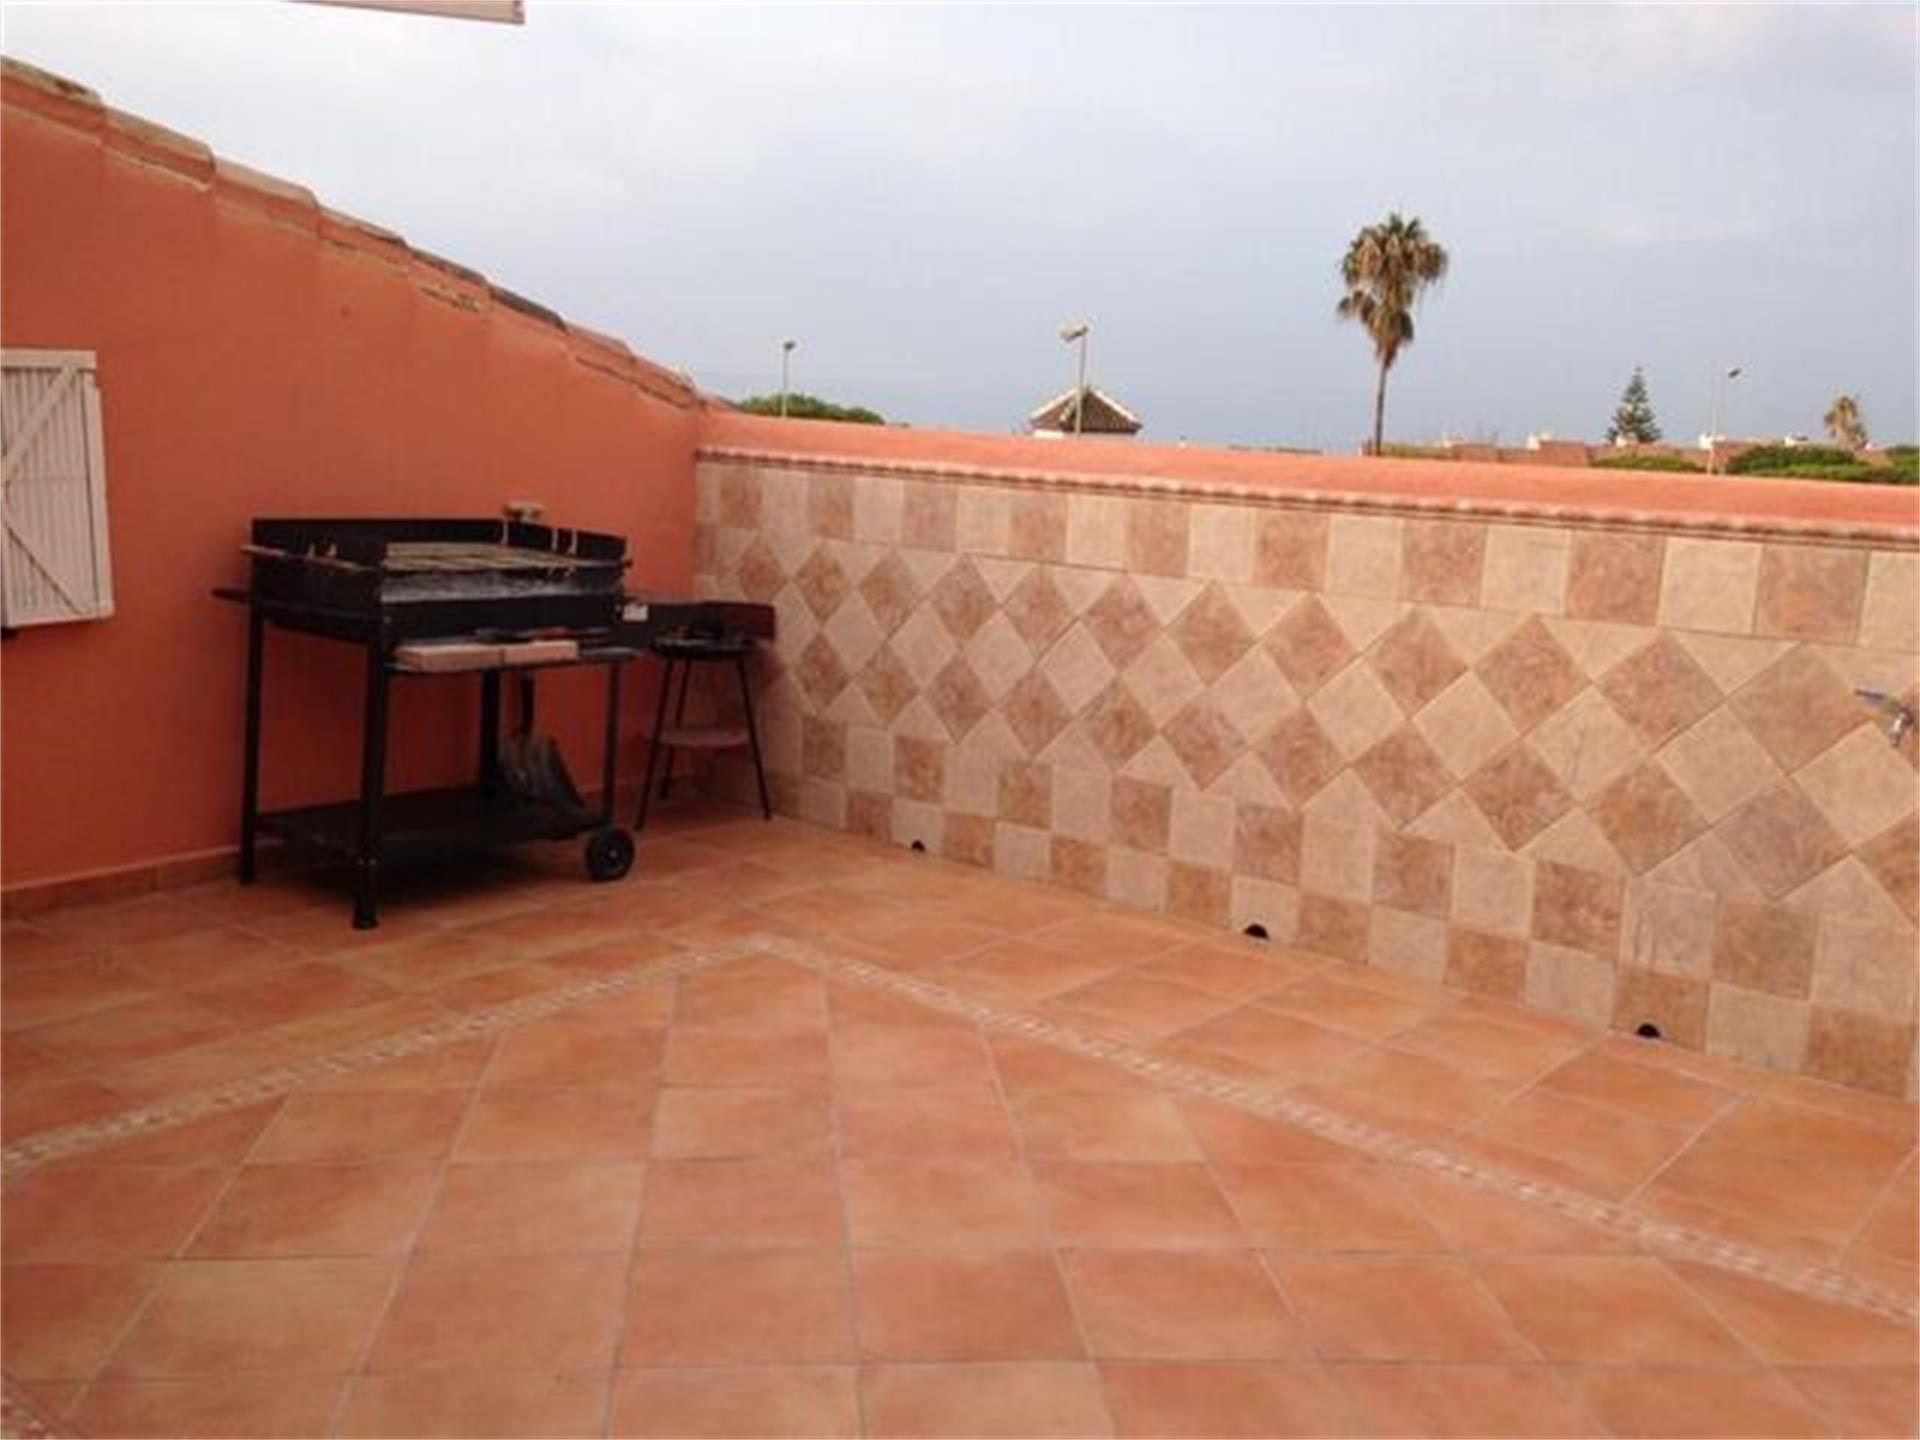 Ático de alquiler en Plaza Calle Calypso 1, Edificio Euromarket 1ª Pta Ático Valtocado - La Alquería - La Atalaya (Mijas, Málaga)